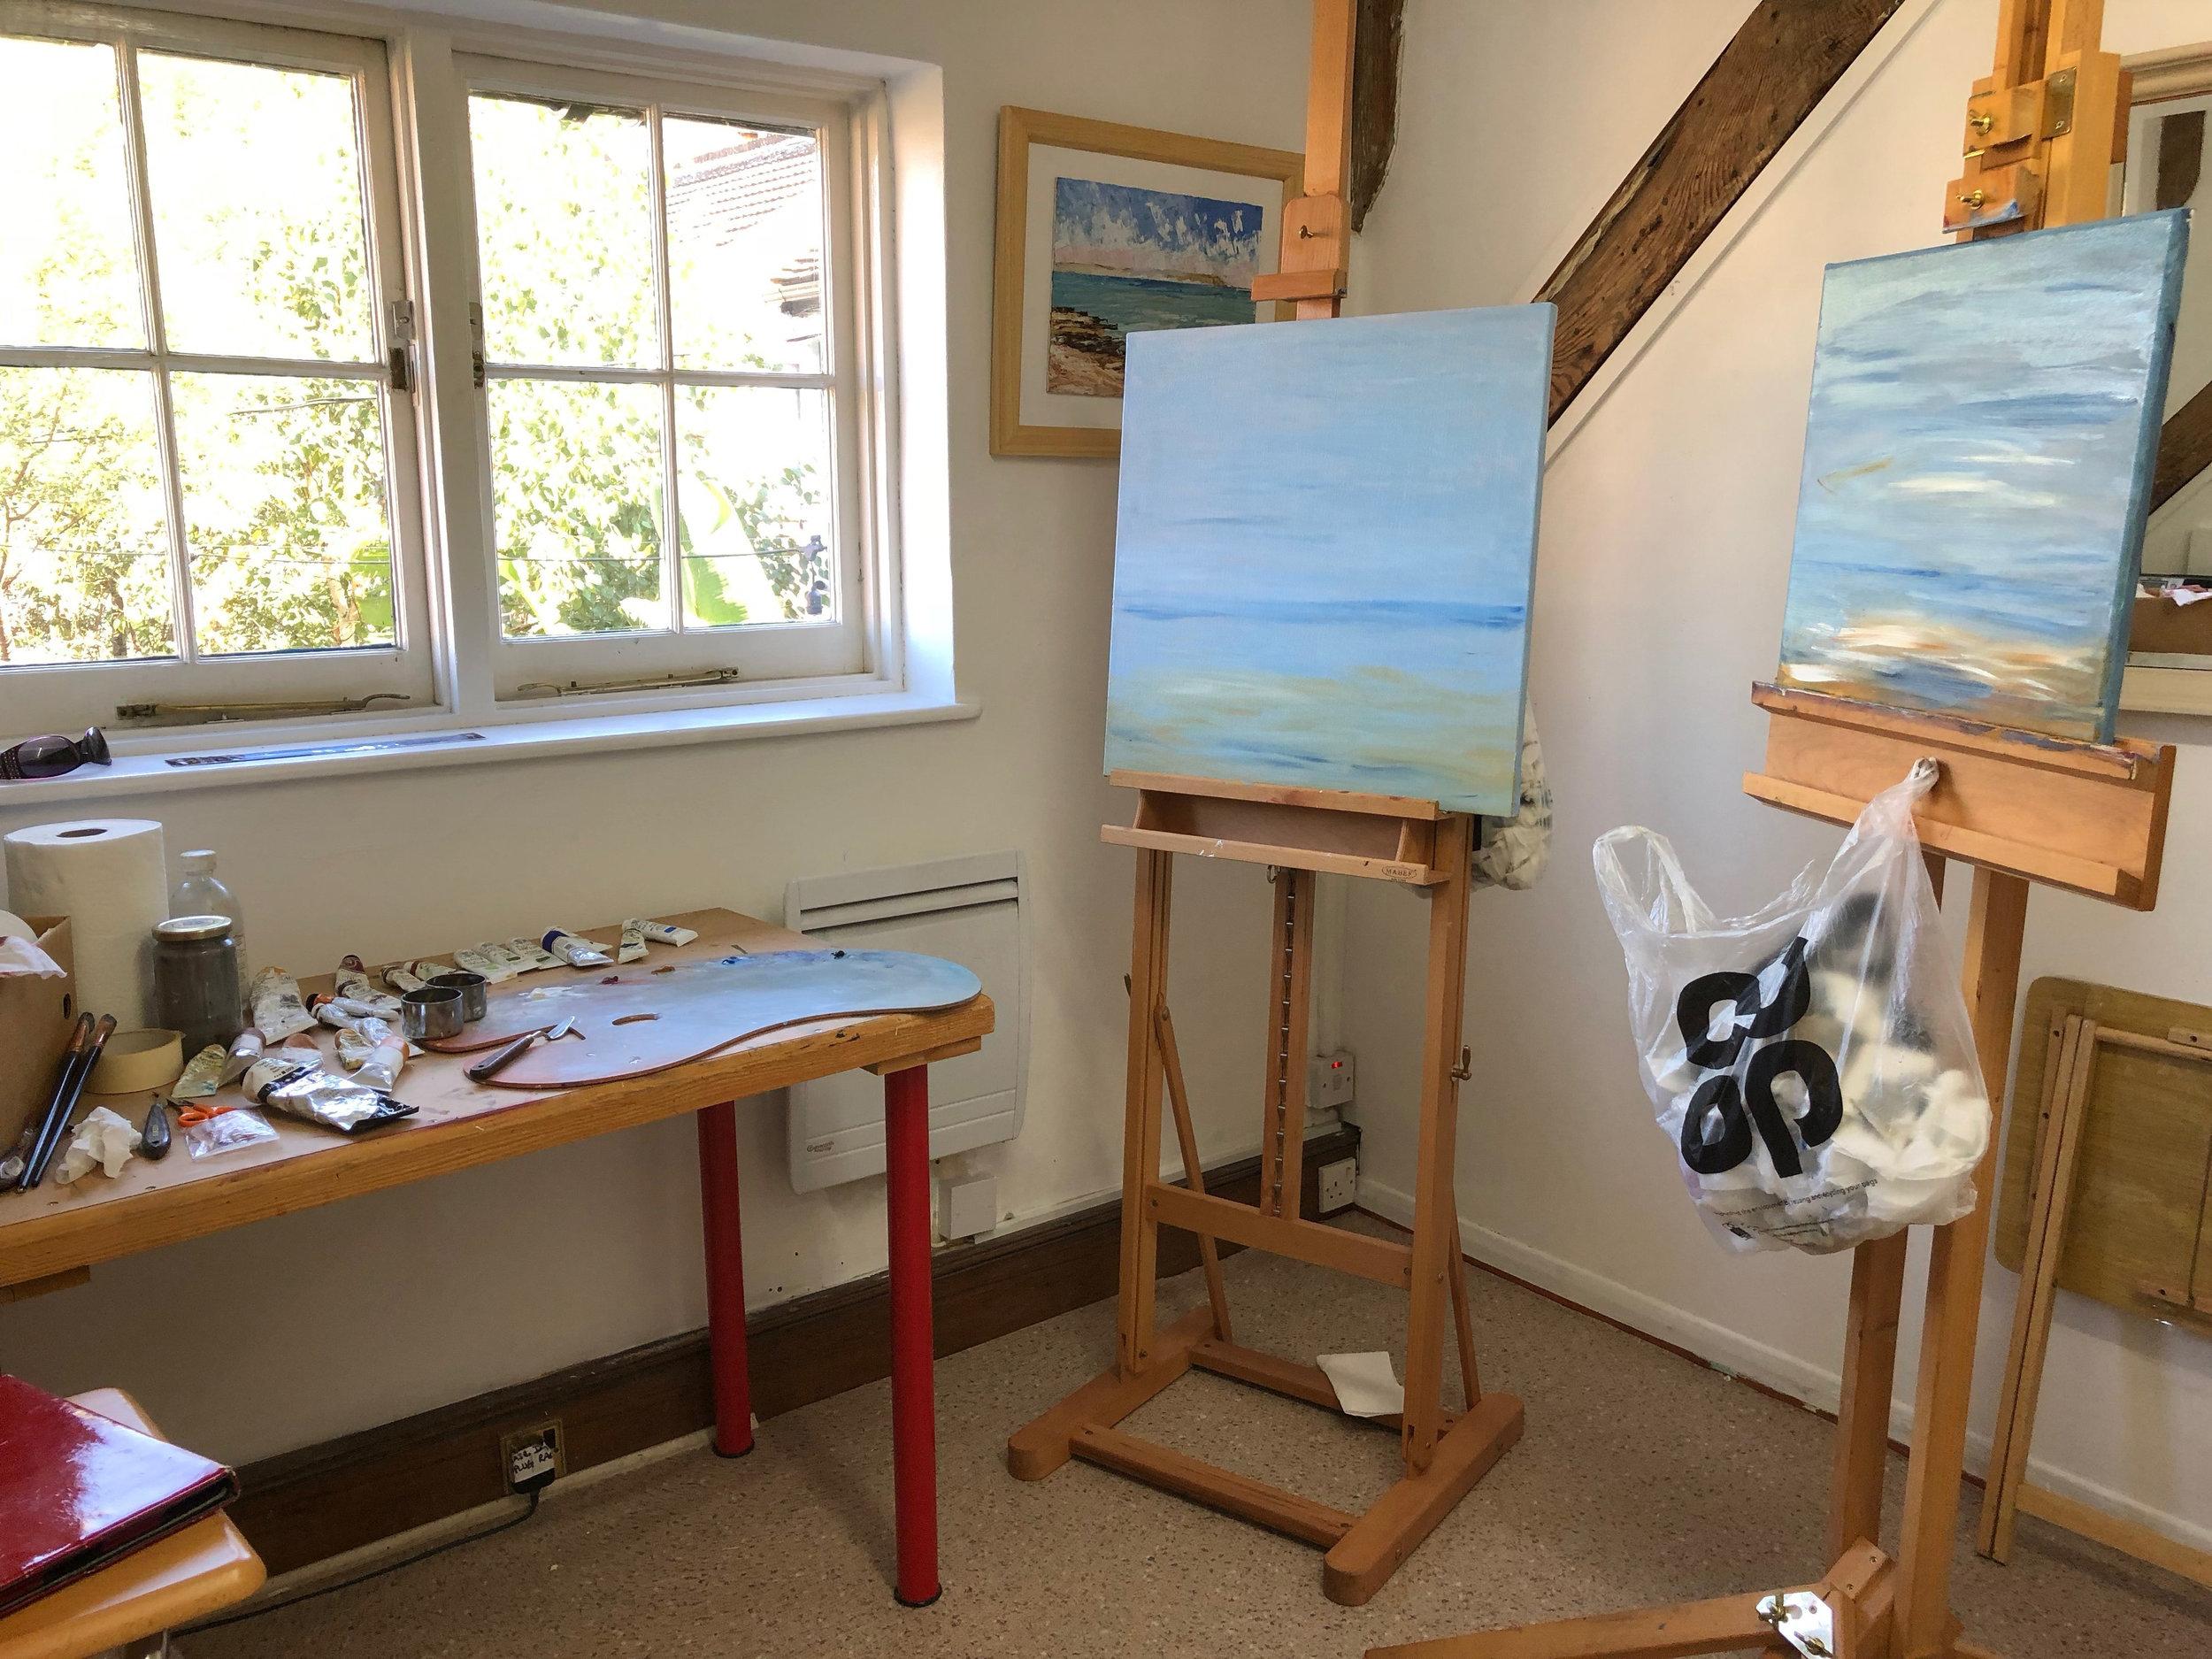 painting in studio 2.jpg